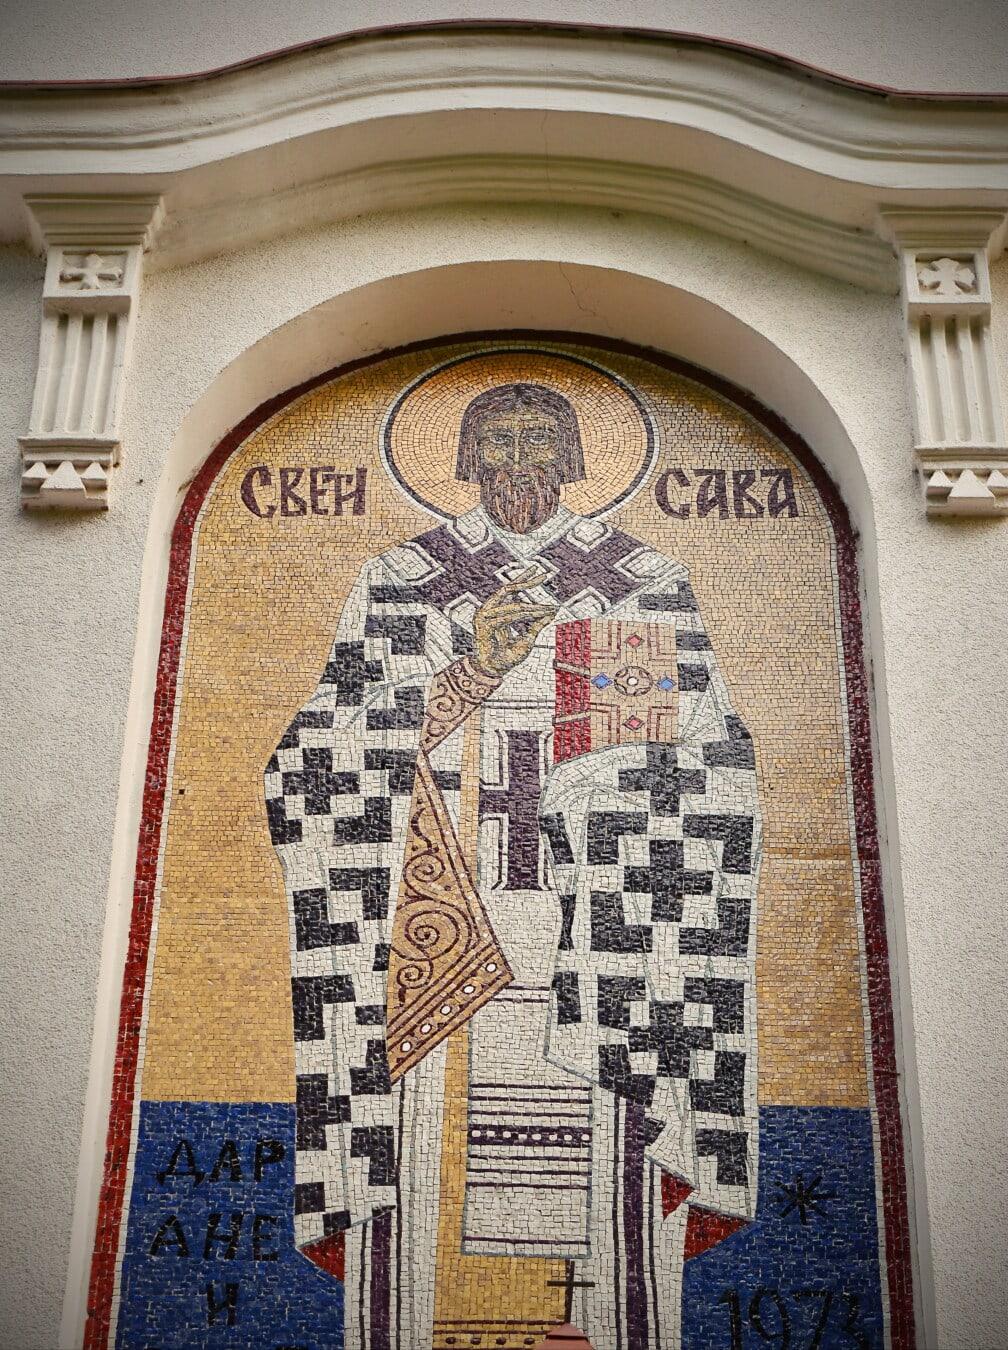 Heilige, Serbien, Mosaik, Symbol, Byzantinische, orthodoxe, Architektur, Kunst, alt, Design